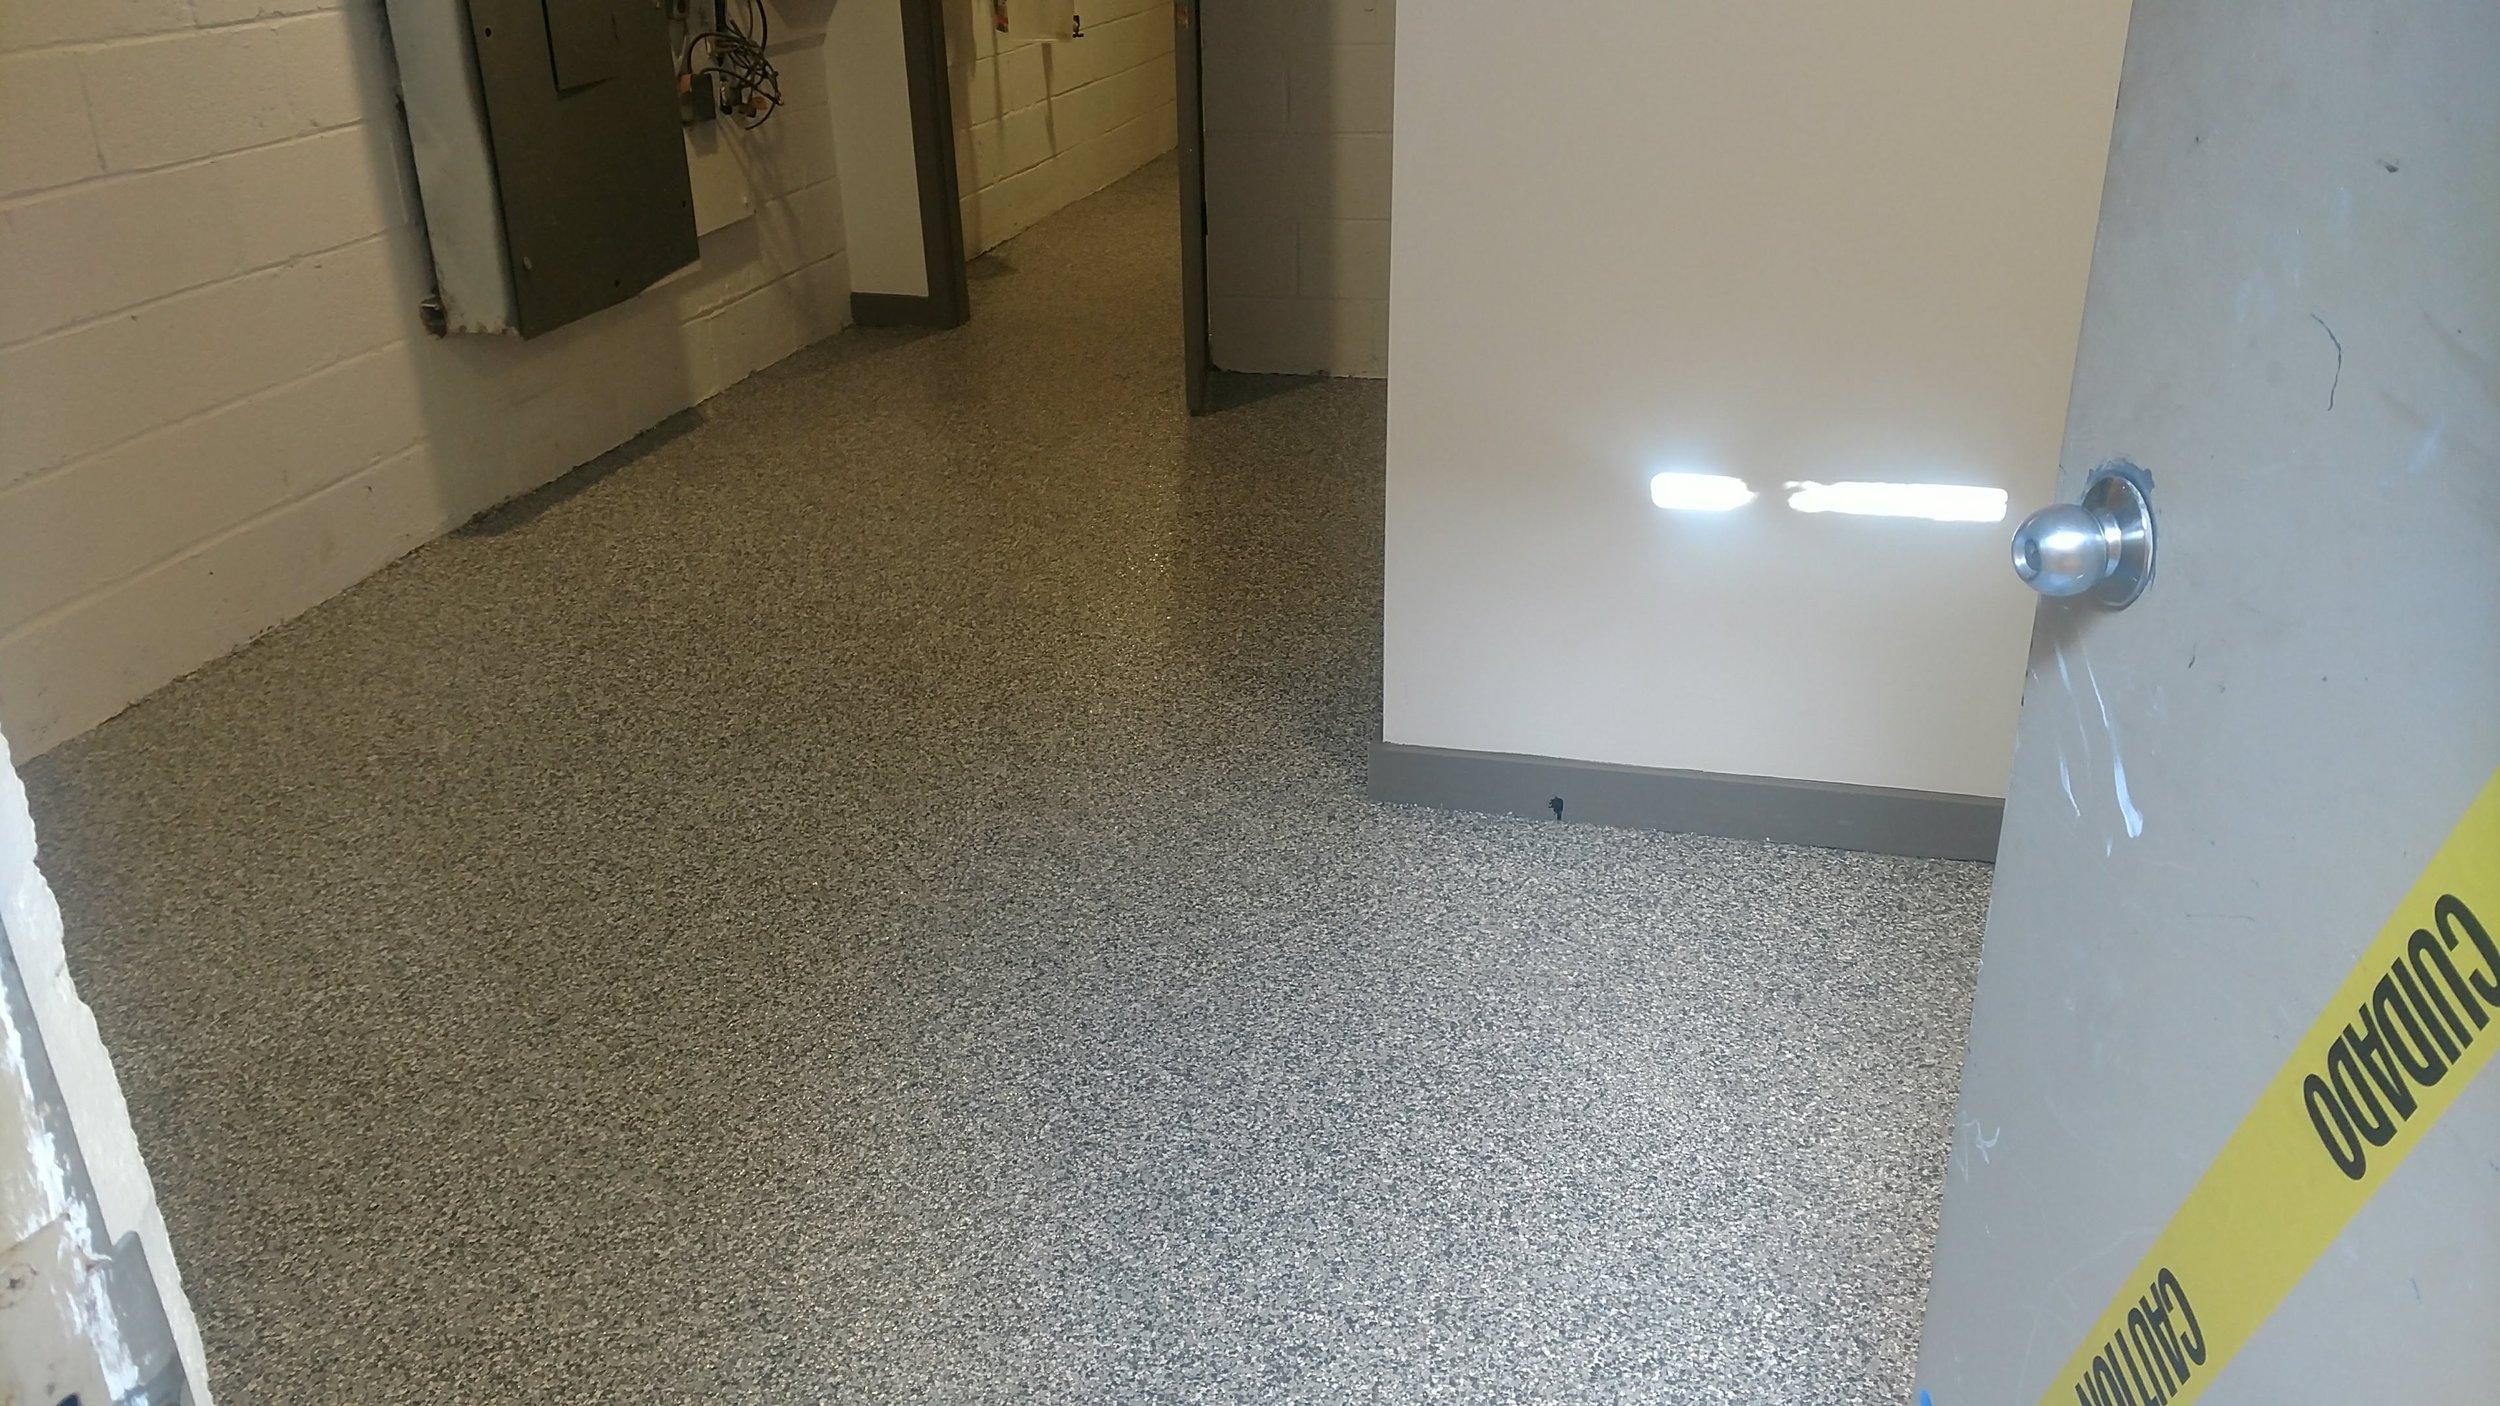 Graniflex Apt Building Laundry Facility - Bala Cynwyd, PA